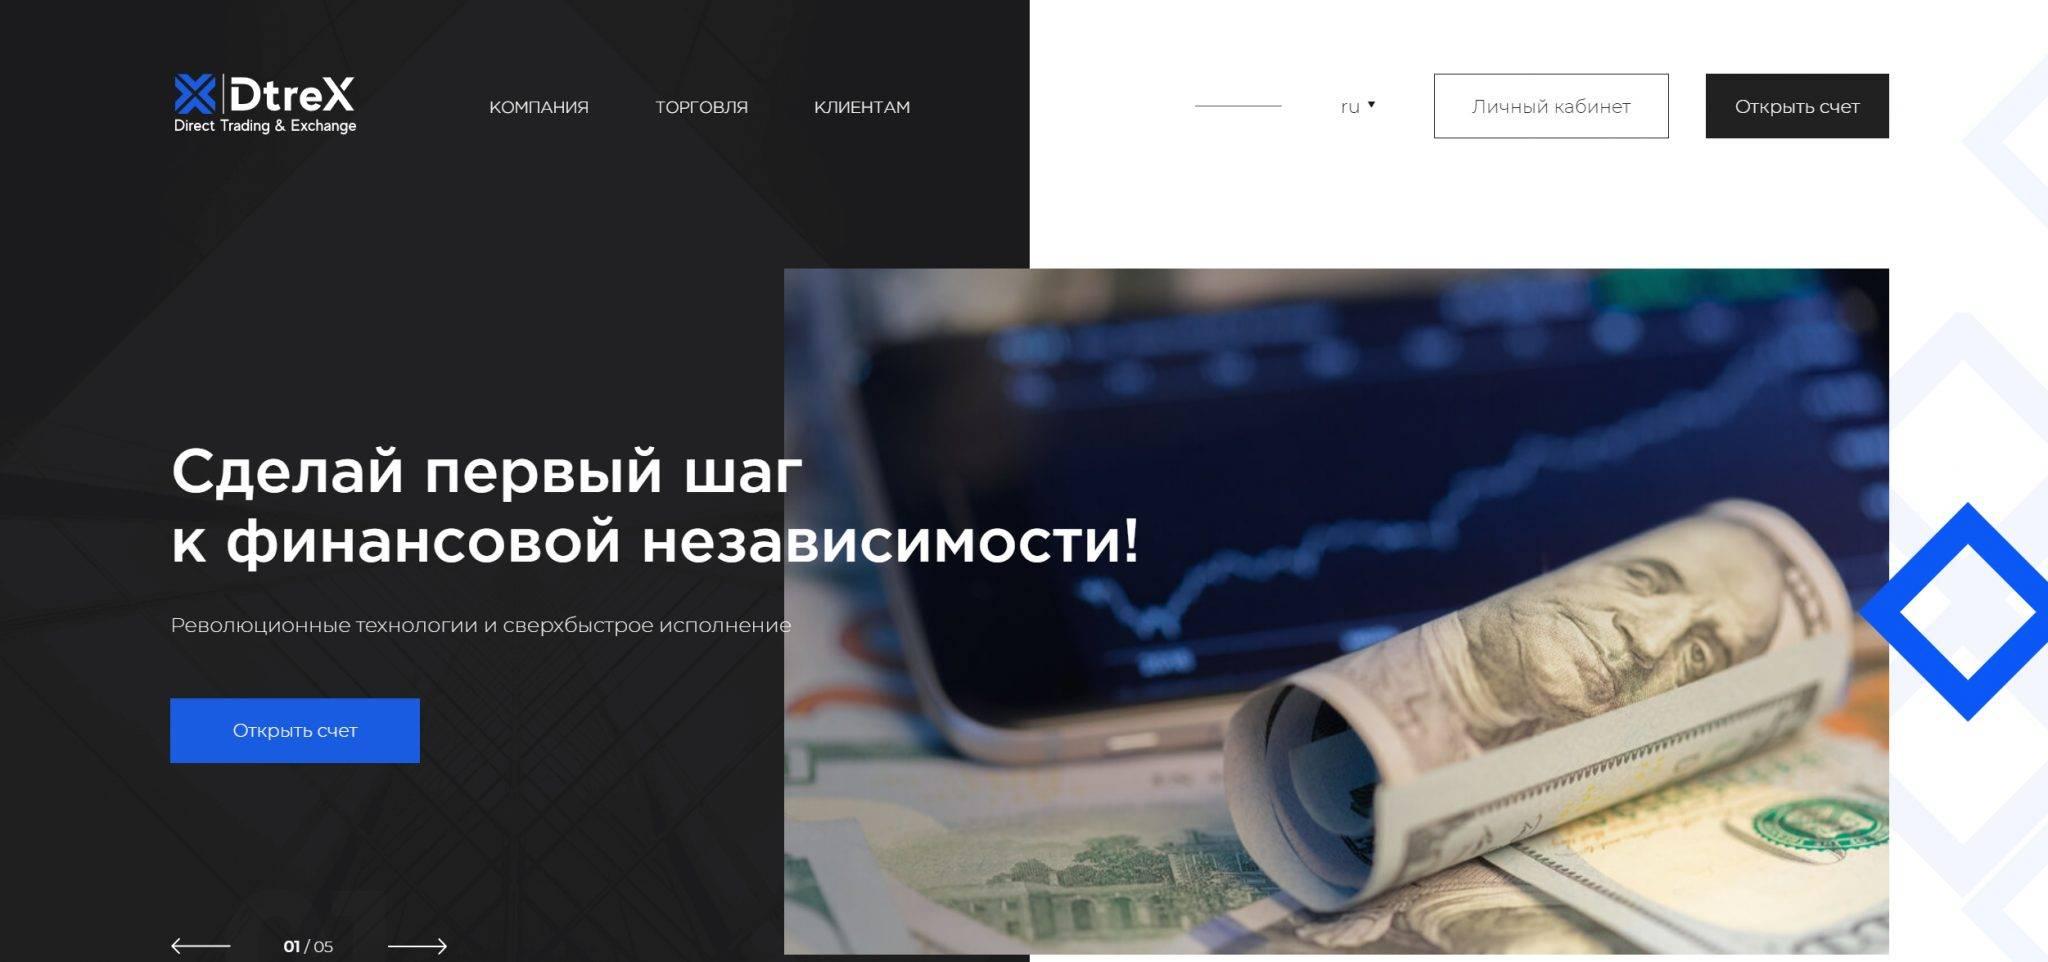 Finam: обзор и отзывы трейдеров о форекс-брокере - otziv-broker